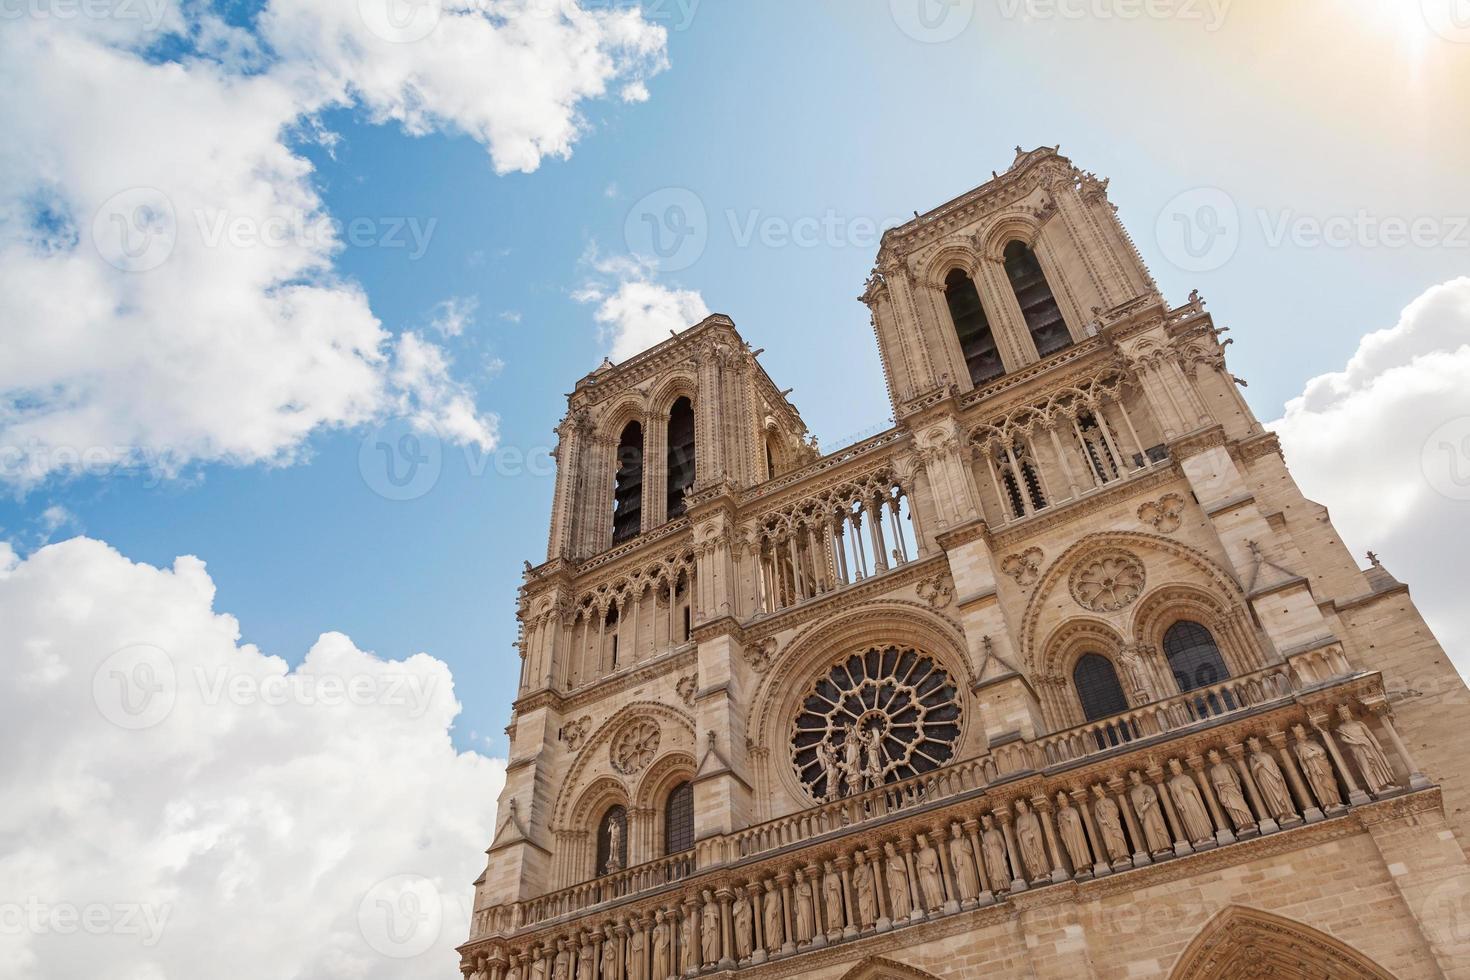 Fachada de la catedral de Notre Dame de París, Francia foto